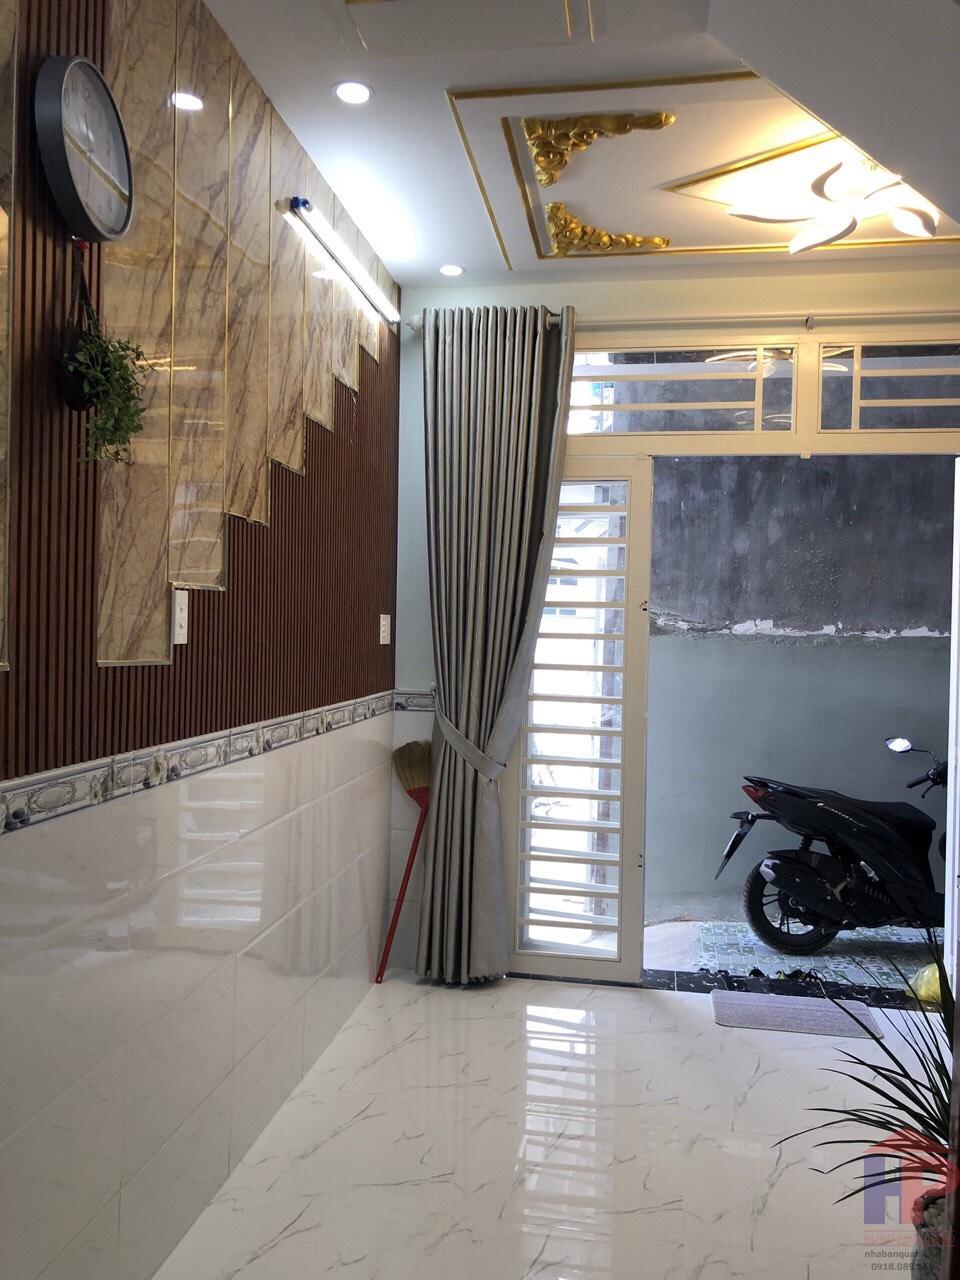 Bán nhà hẻm 2295 Huỳnh Tấn Phát thị trấn Nhà Bè DT 3.6mx8m Giá 1.15 tỷ LH 0909477288